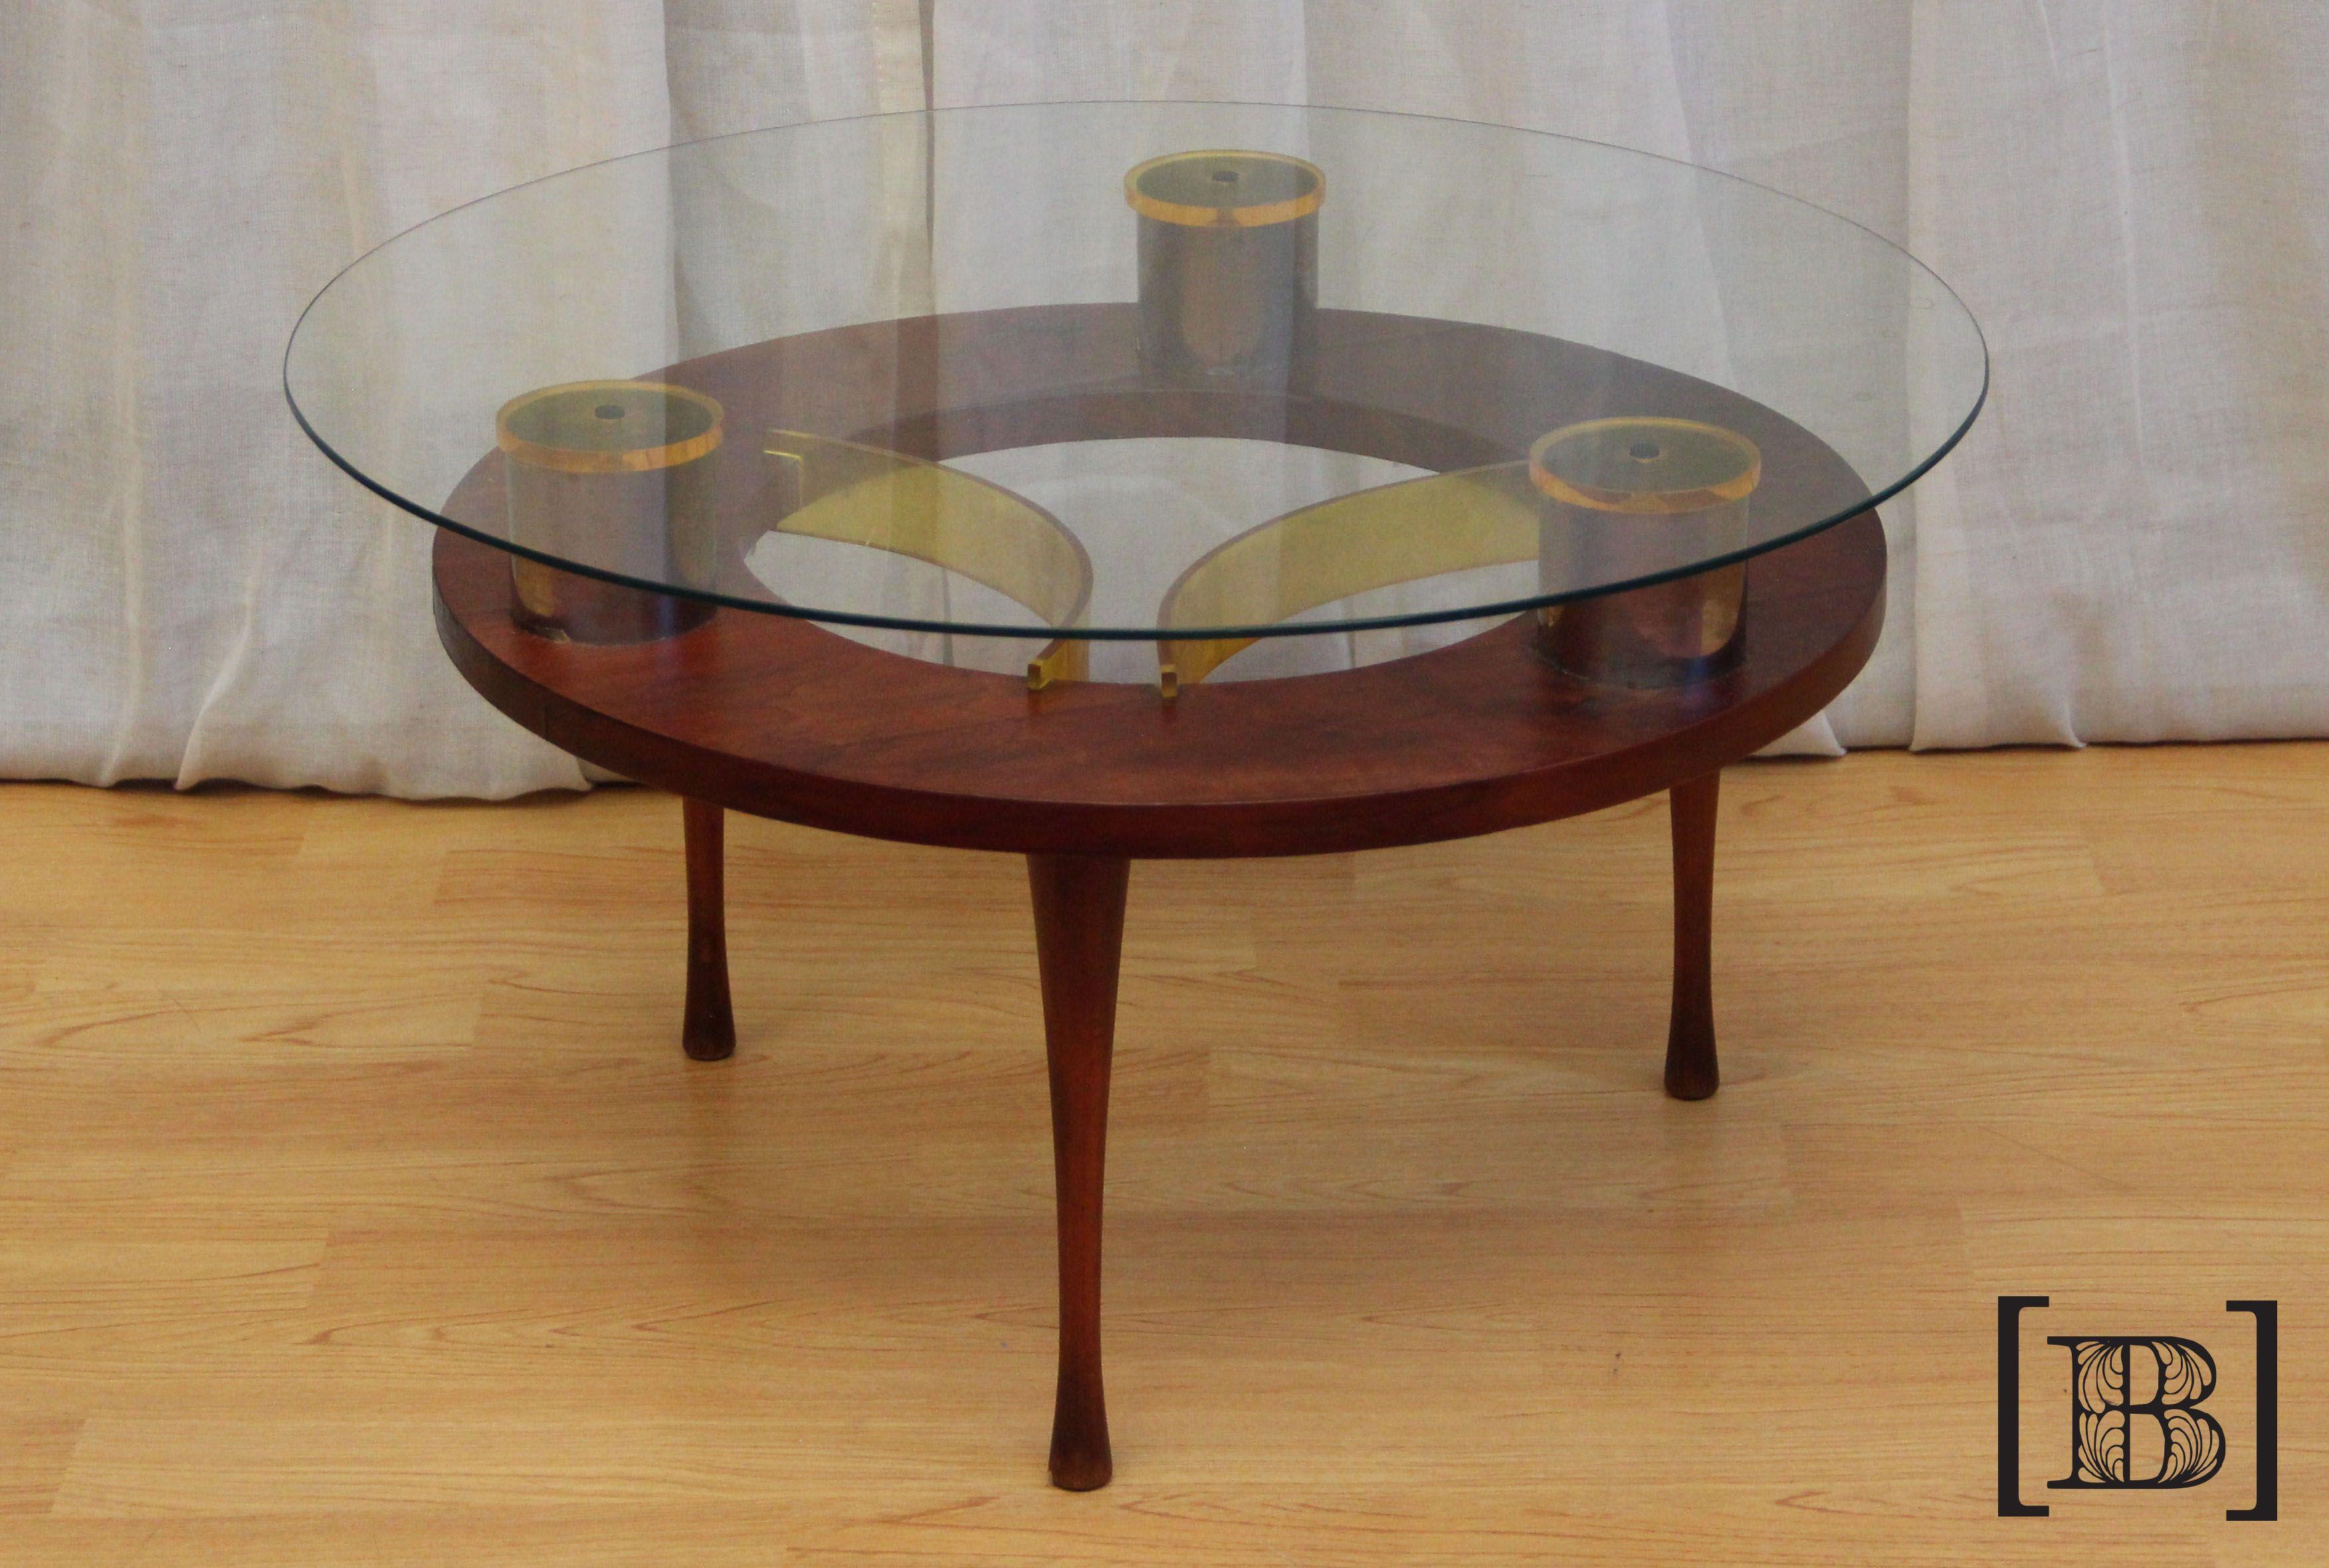 Mesa redonda acrílico amarillo y tapa de vidrio. Medidas (cm